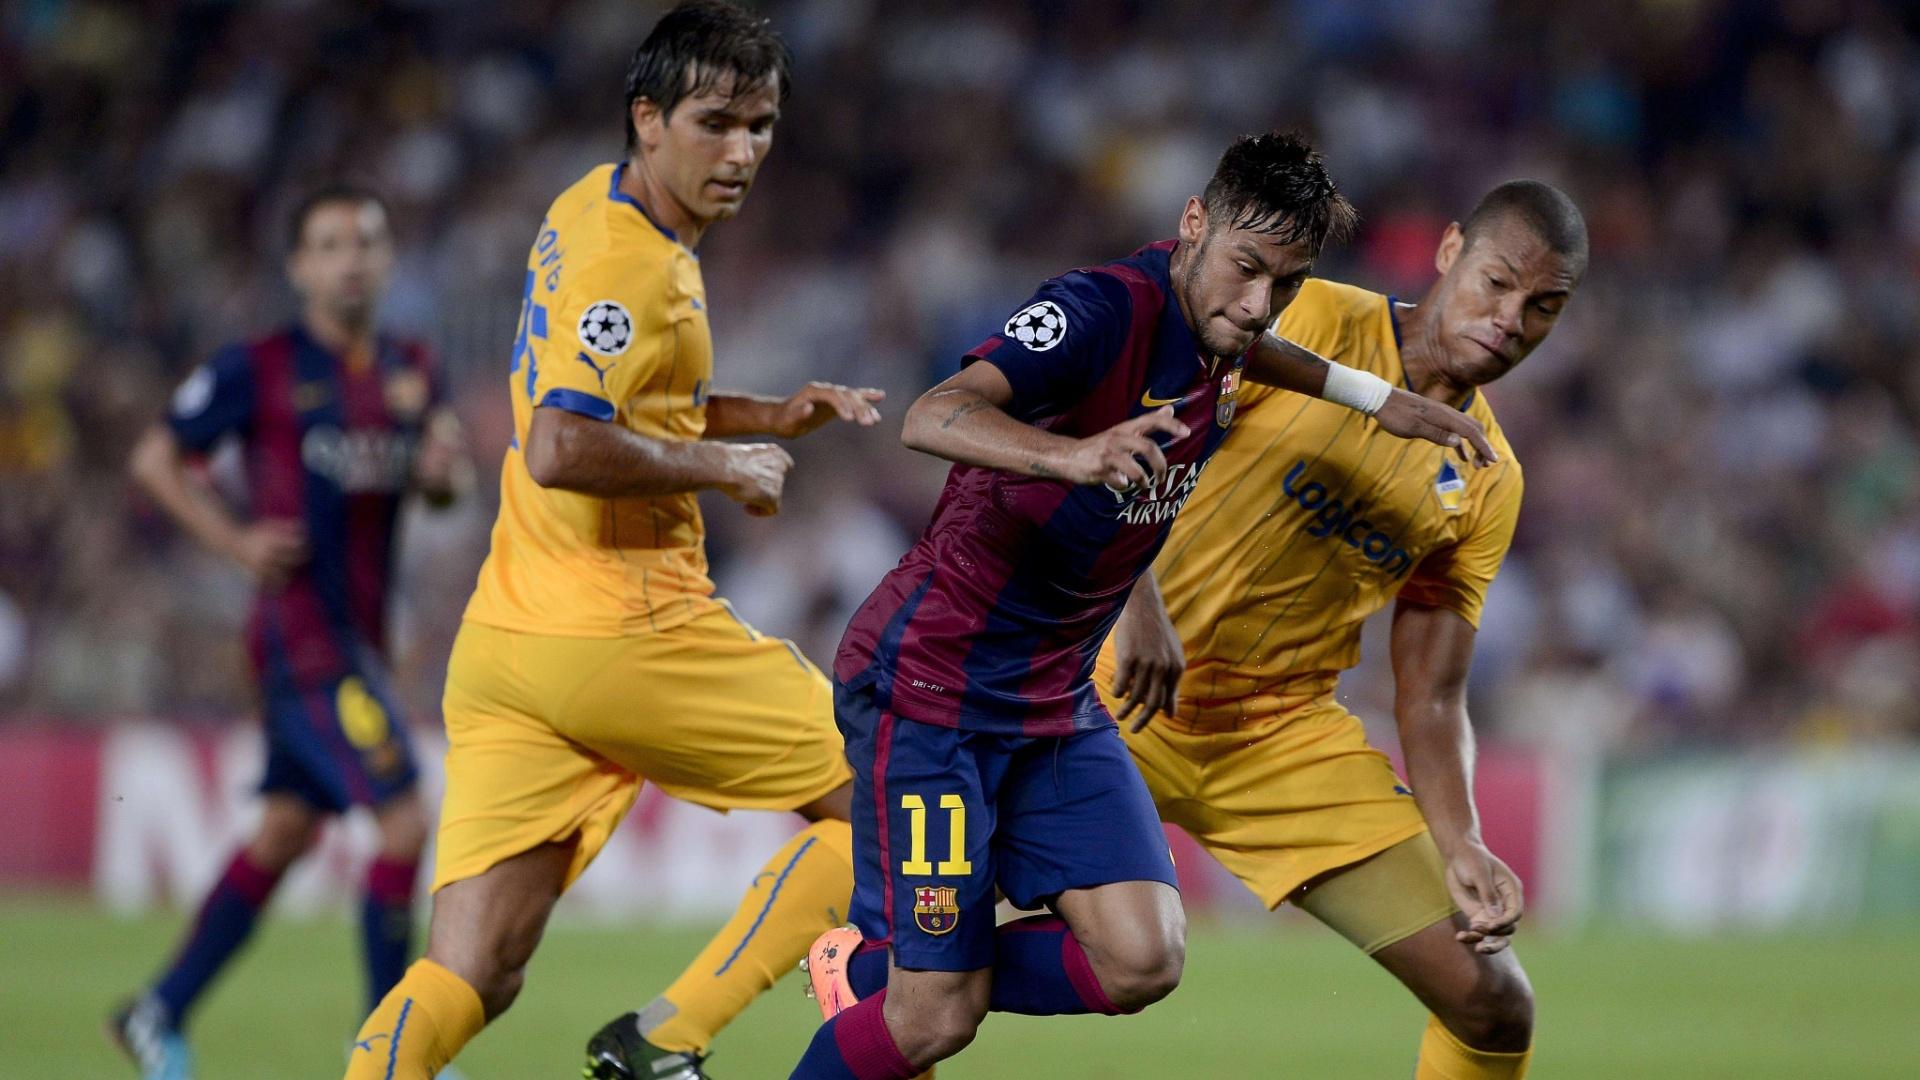 Neymar tenta escapar da marcação do APOEL em partida da Liga dos Campeões